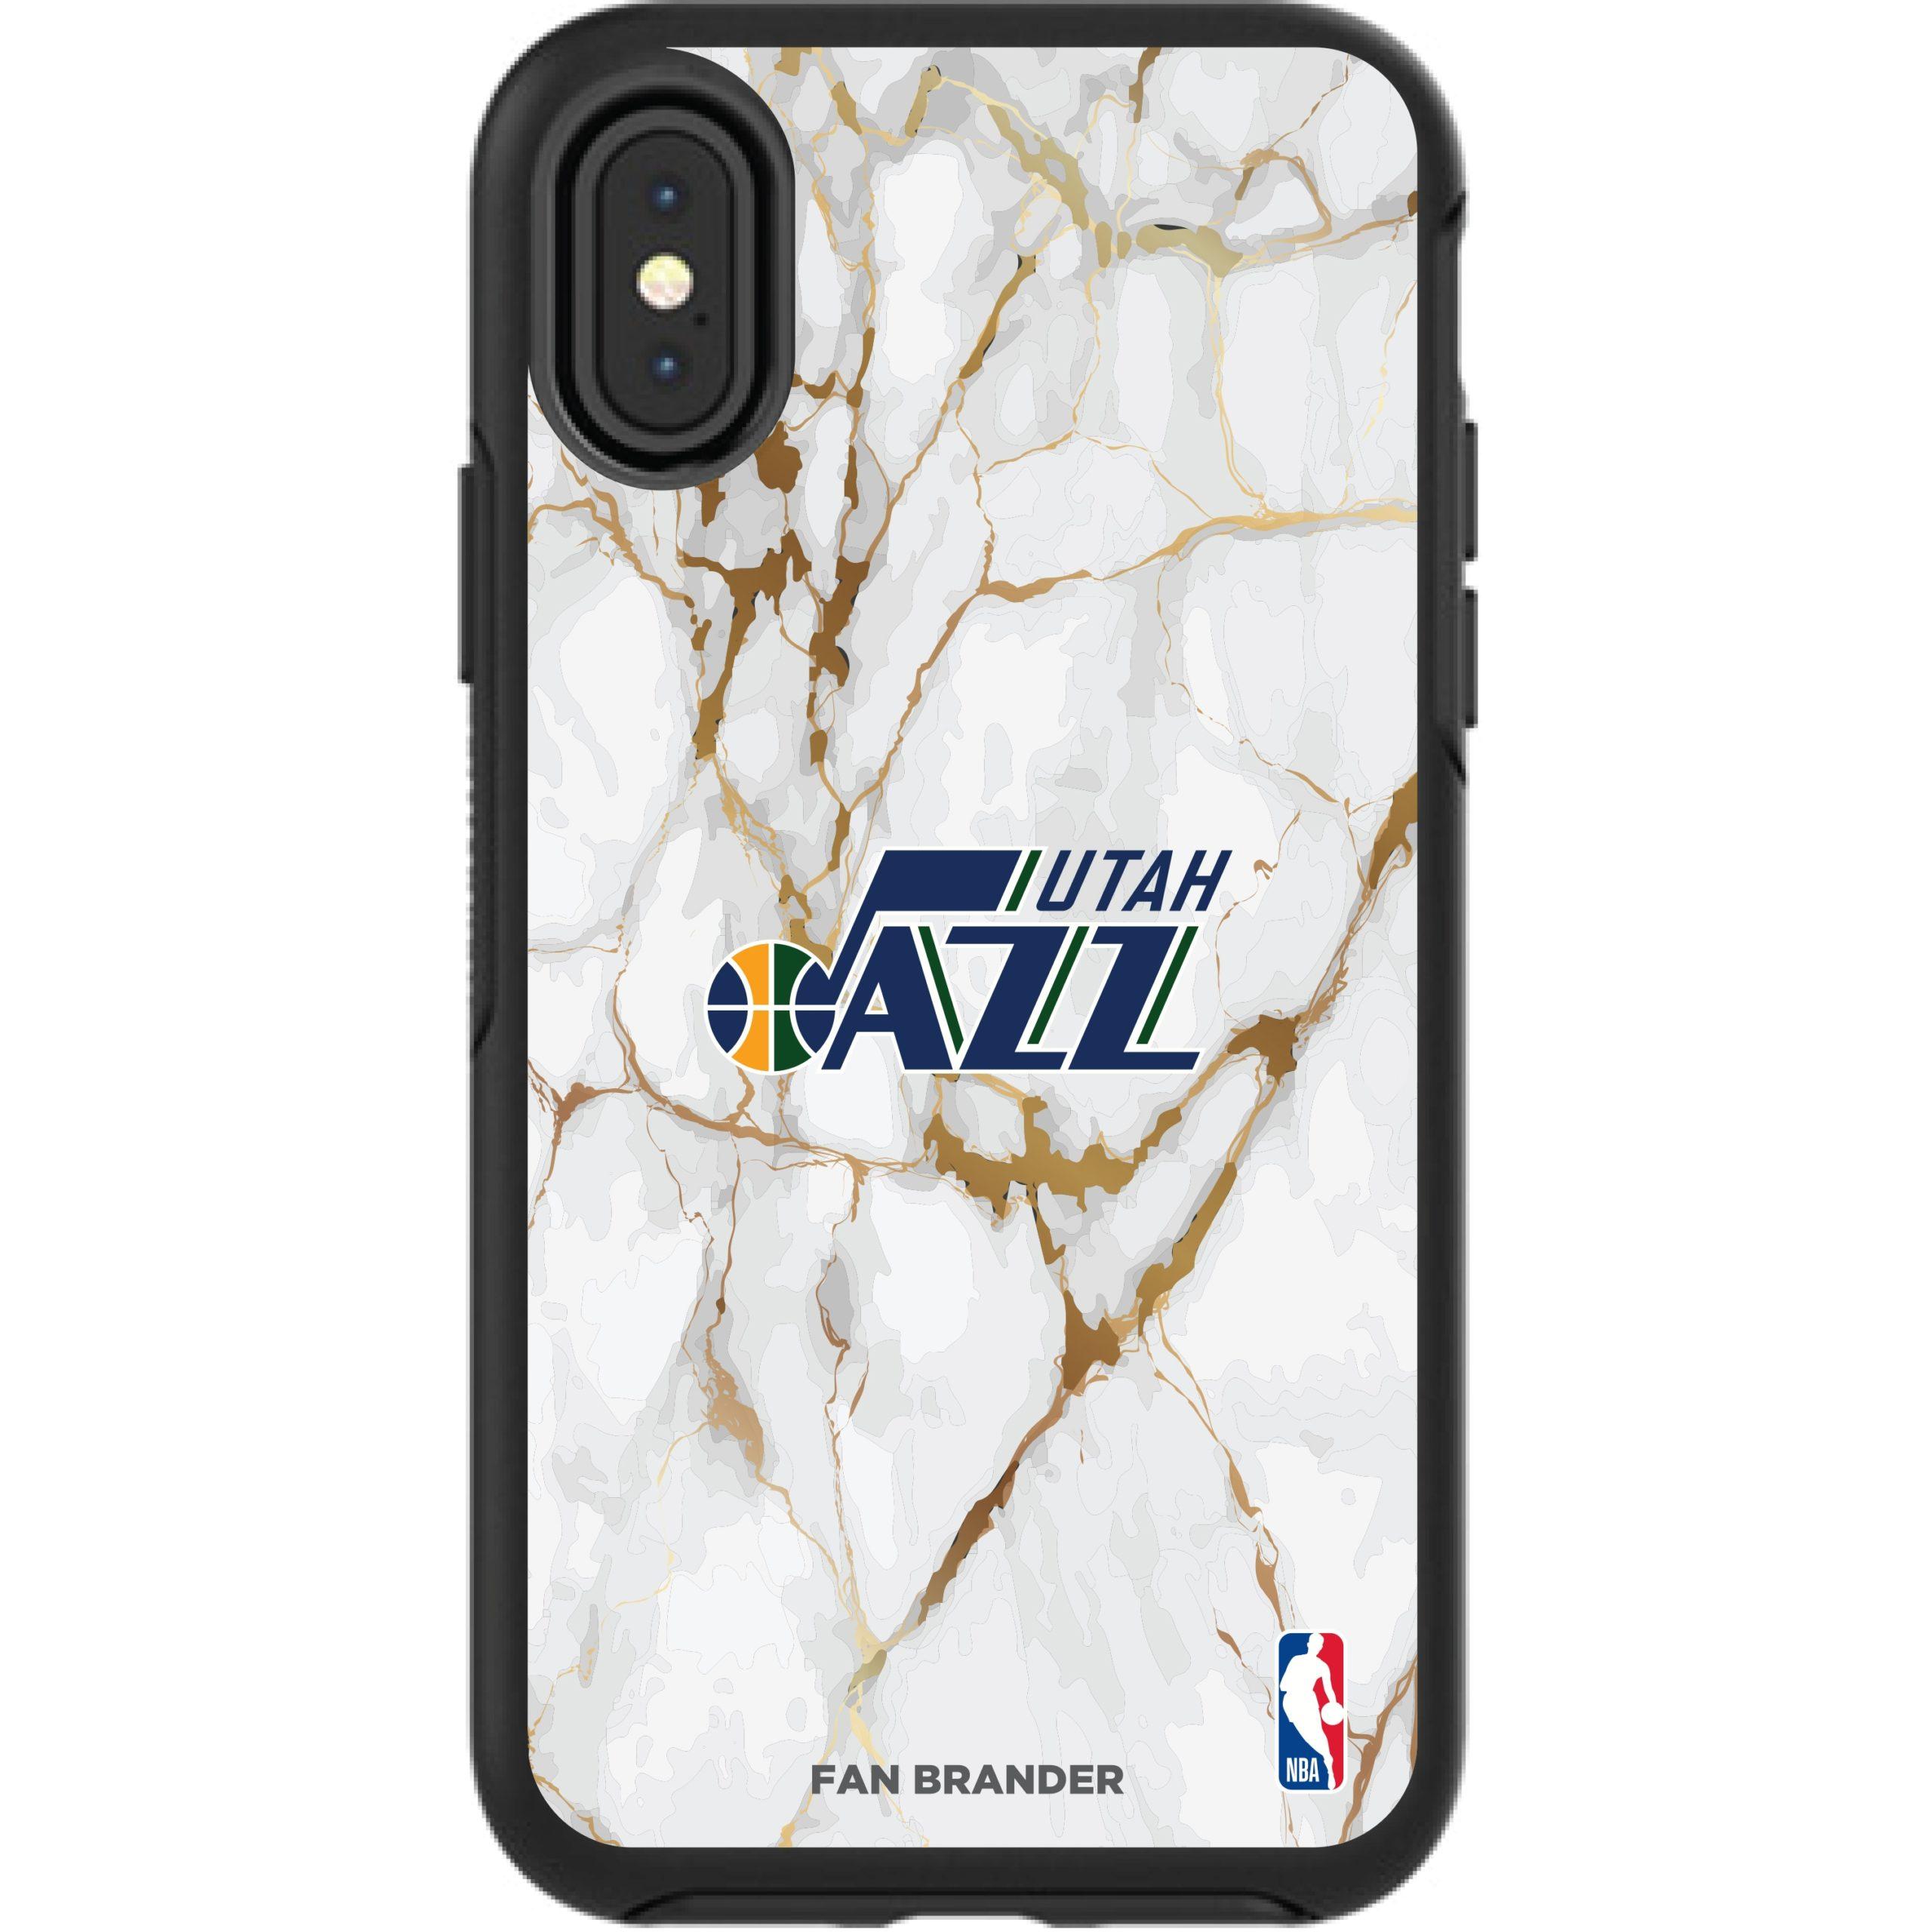 Utah Jazz iPhone Symmetry Marble Case - Black